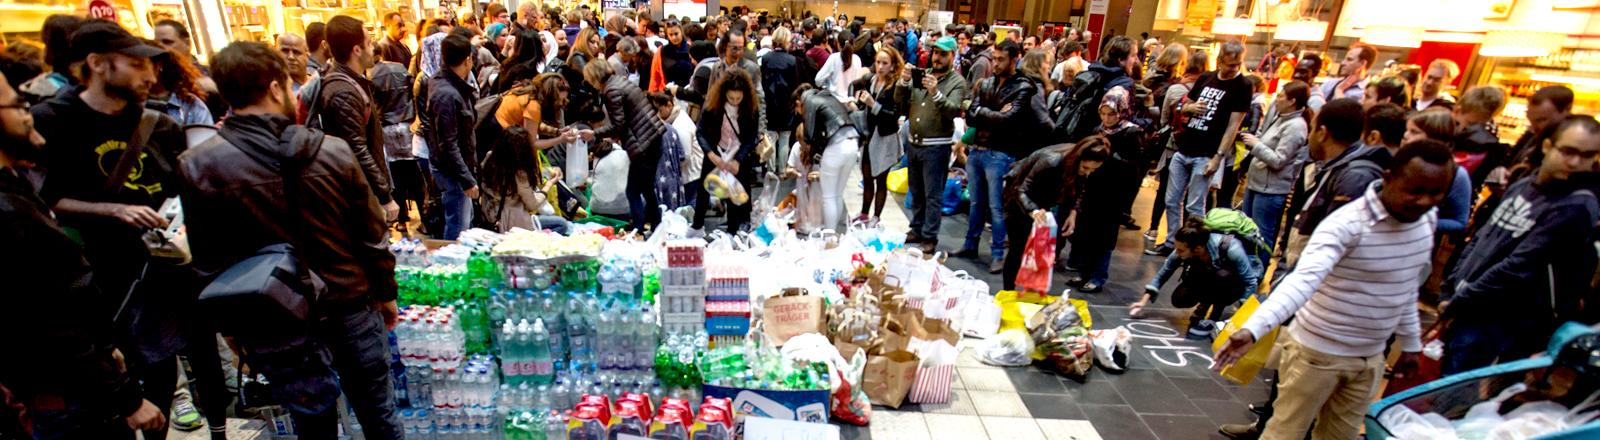 Mit Wasser und Tüten voller Essen werden Flüchtlinge am Frankfurter Hauptbahnhof empfangen